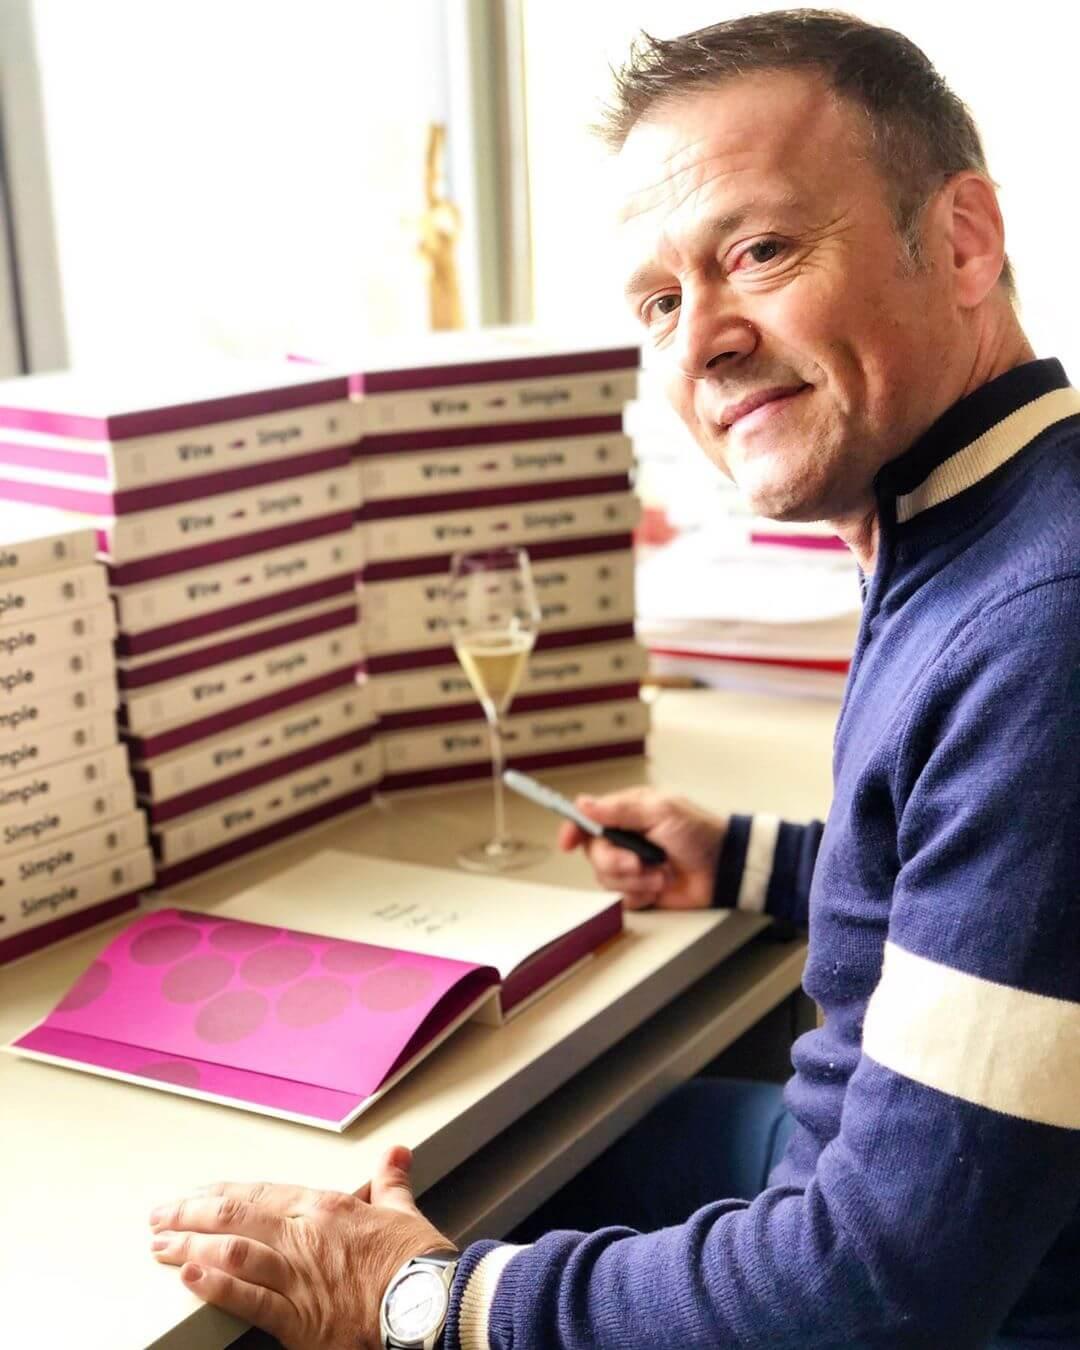 Aldo Sohm signing copies of his book Wine Simple.